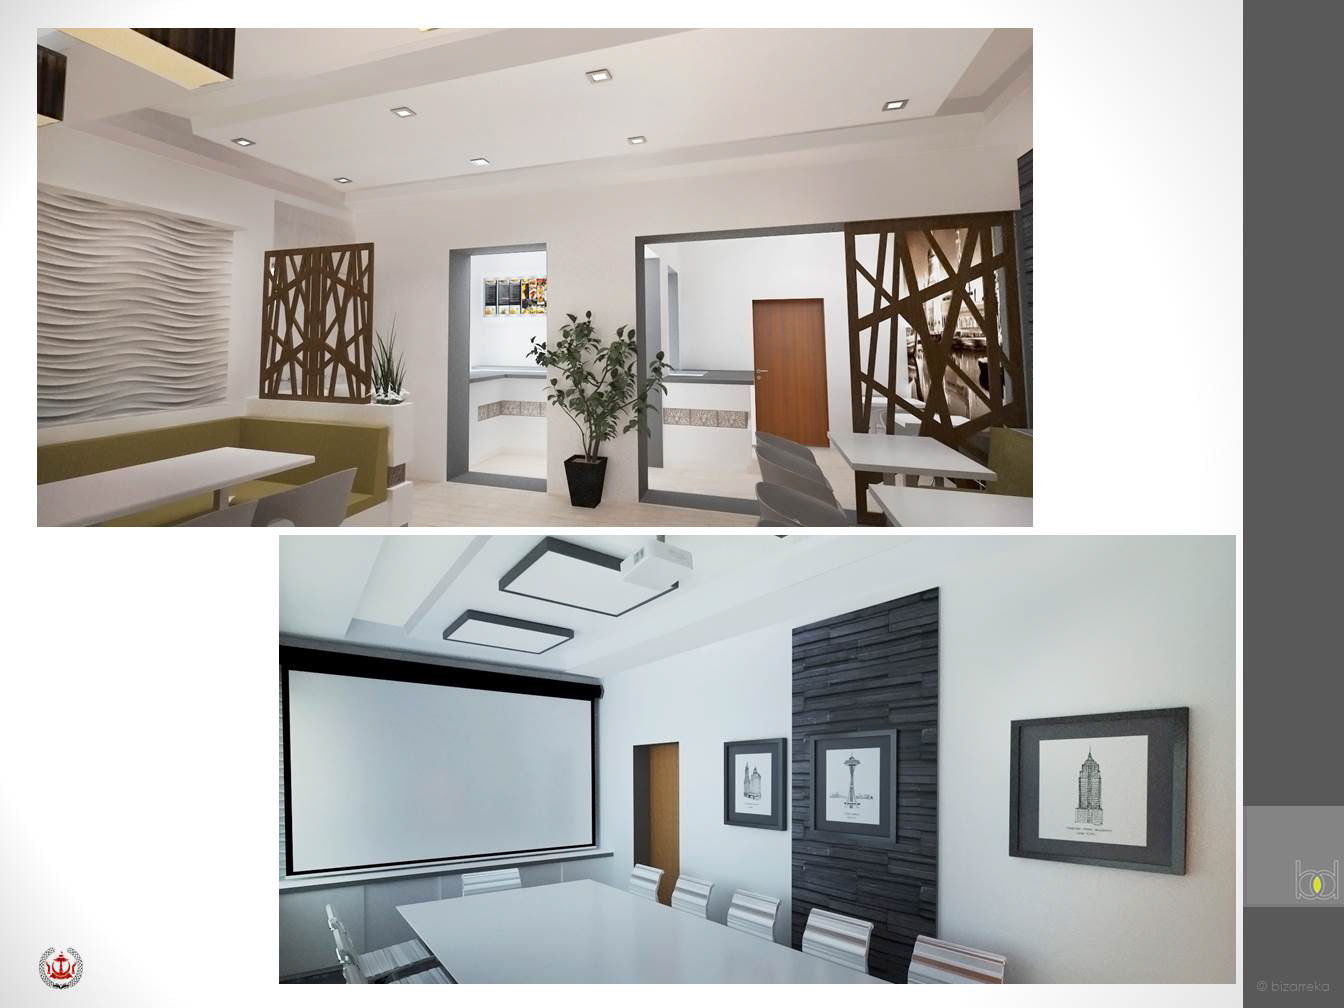 bizarreka architecture proposed interior design for brunei hall in